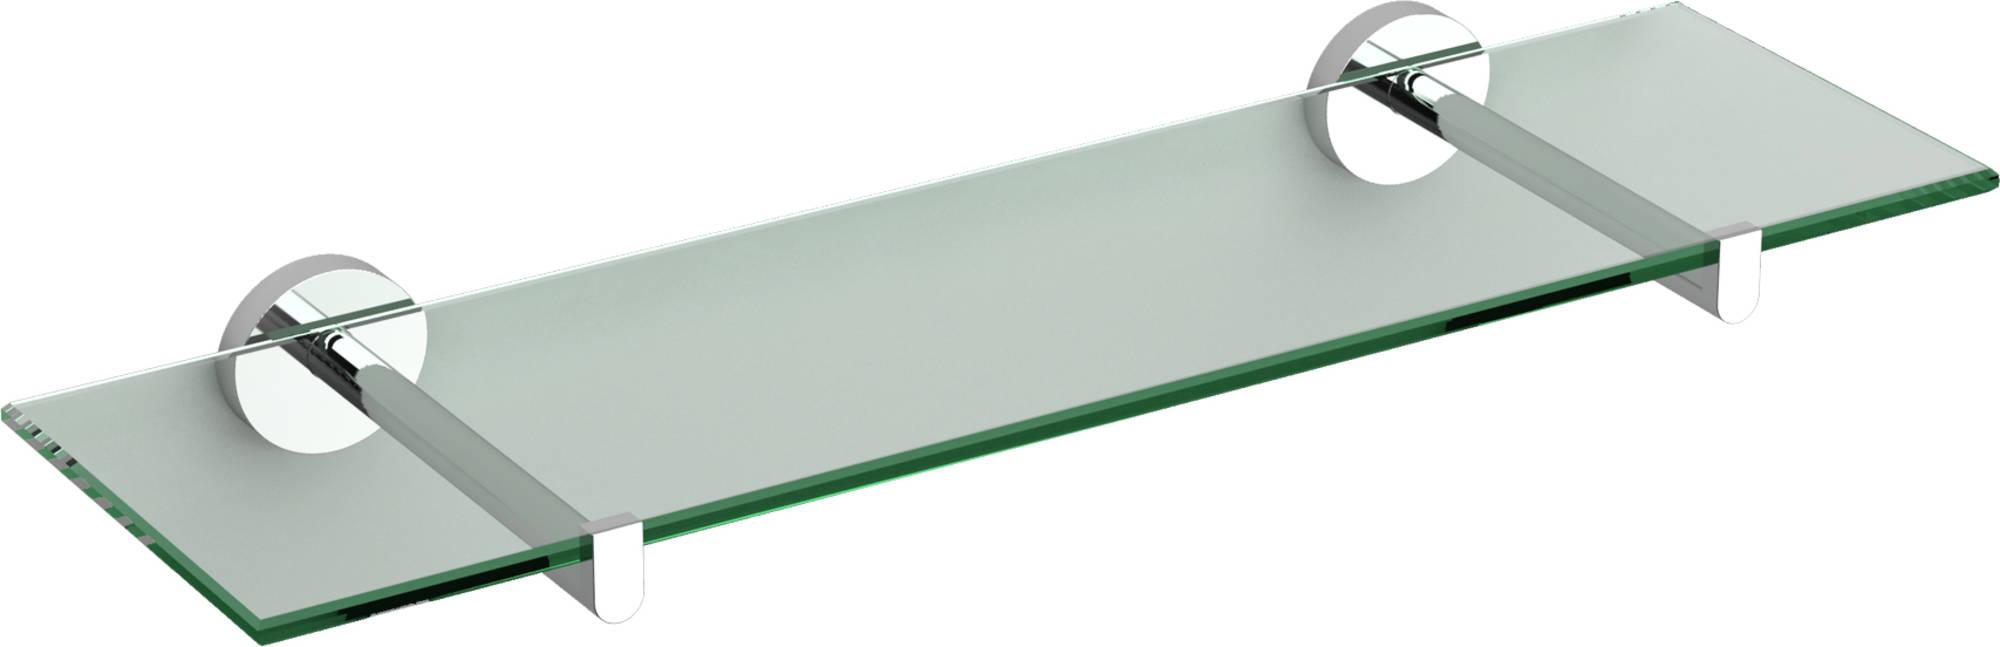 InBe by Clou Flat planchet 45 cm